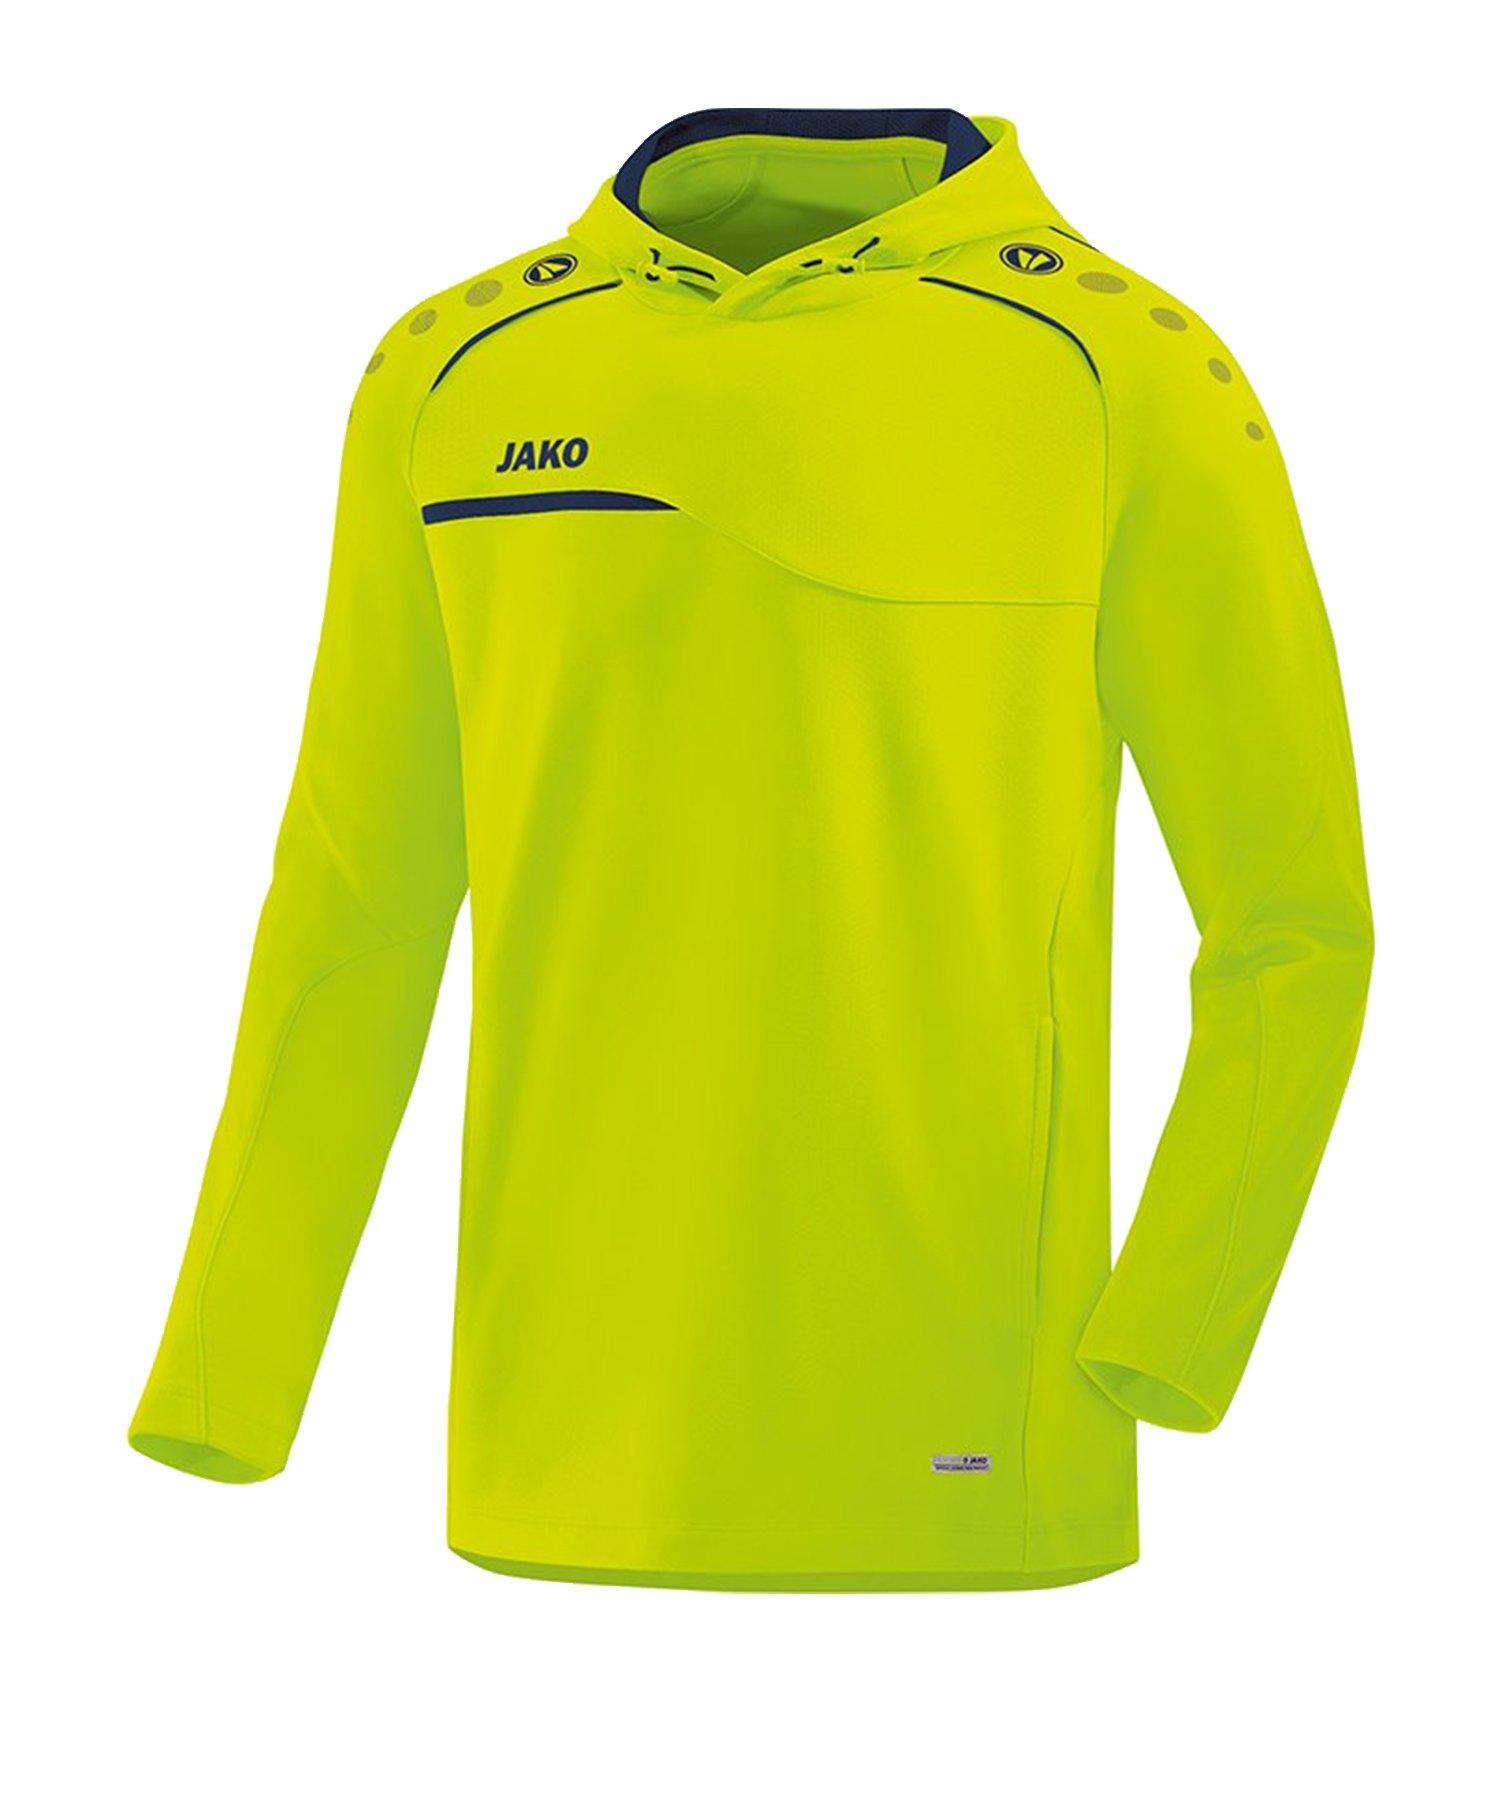 Jako Prestige Kapuzensweatshirt Kids Gelb F09 - gelb